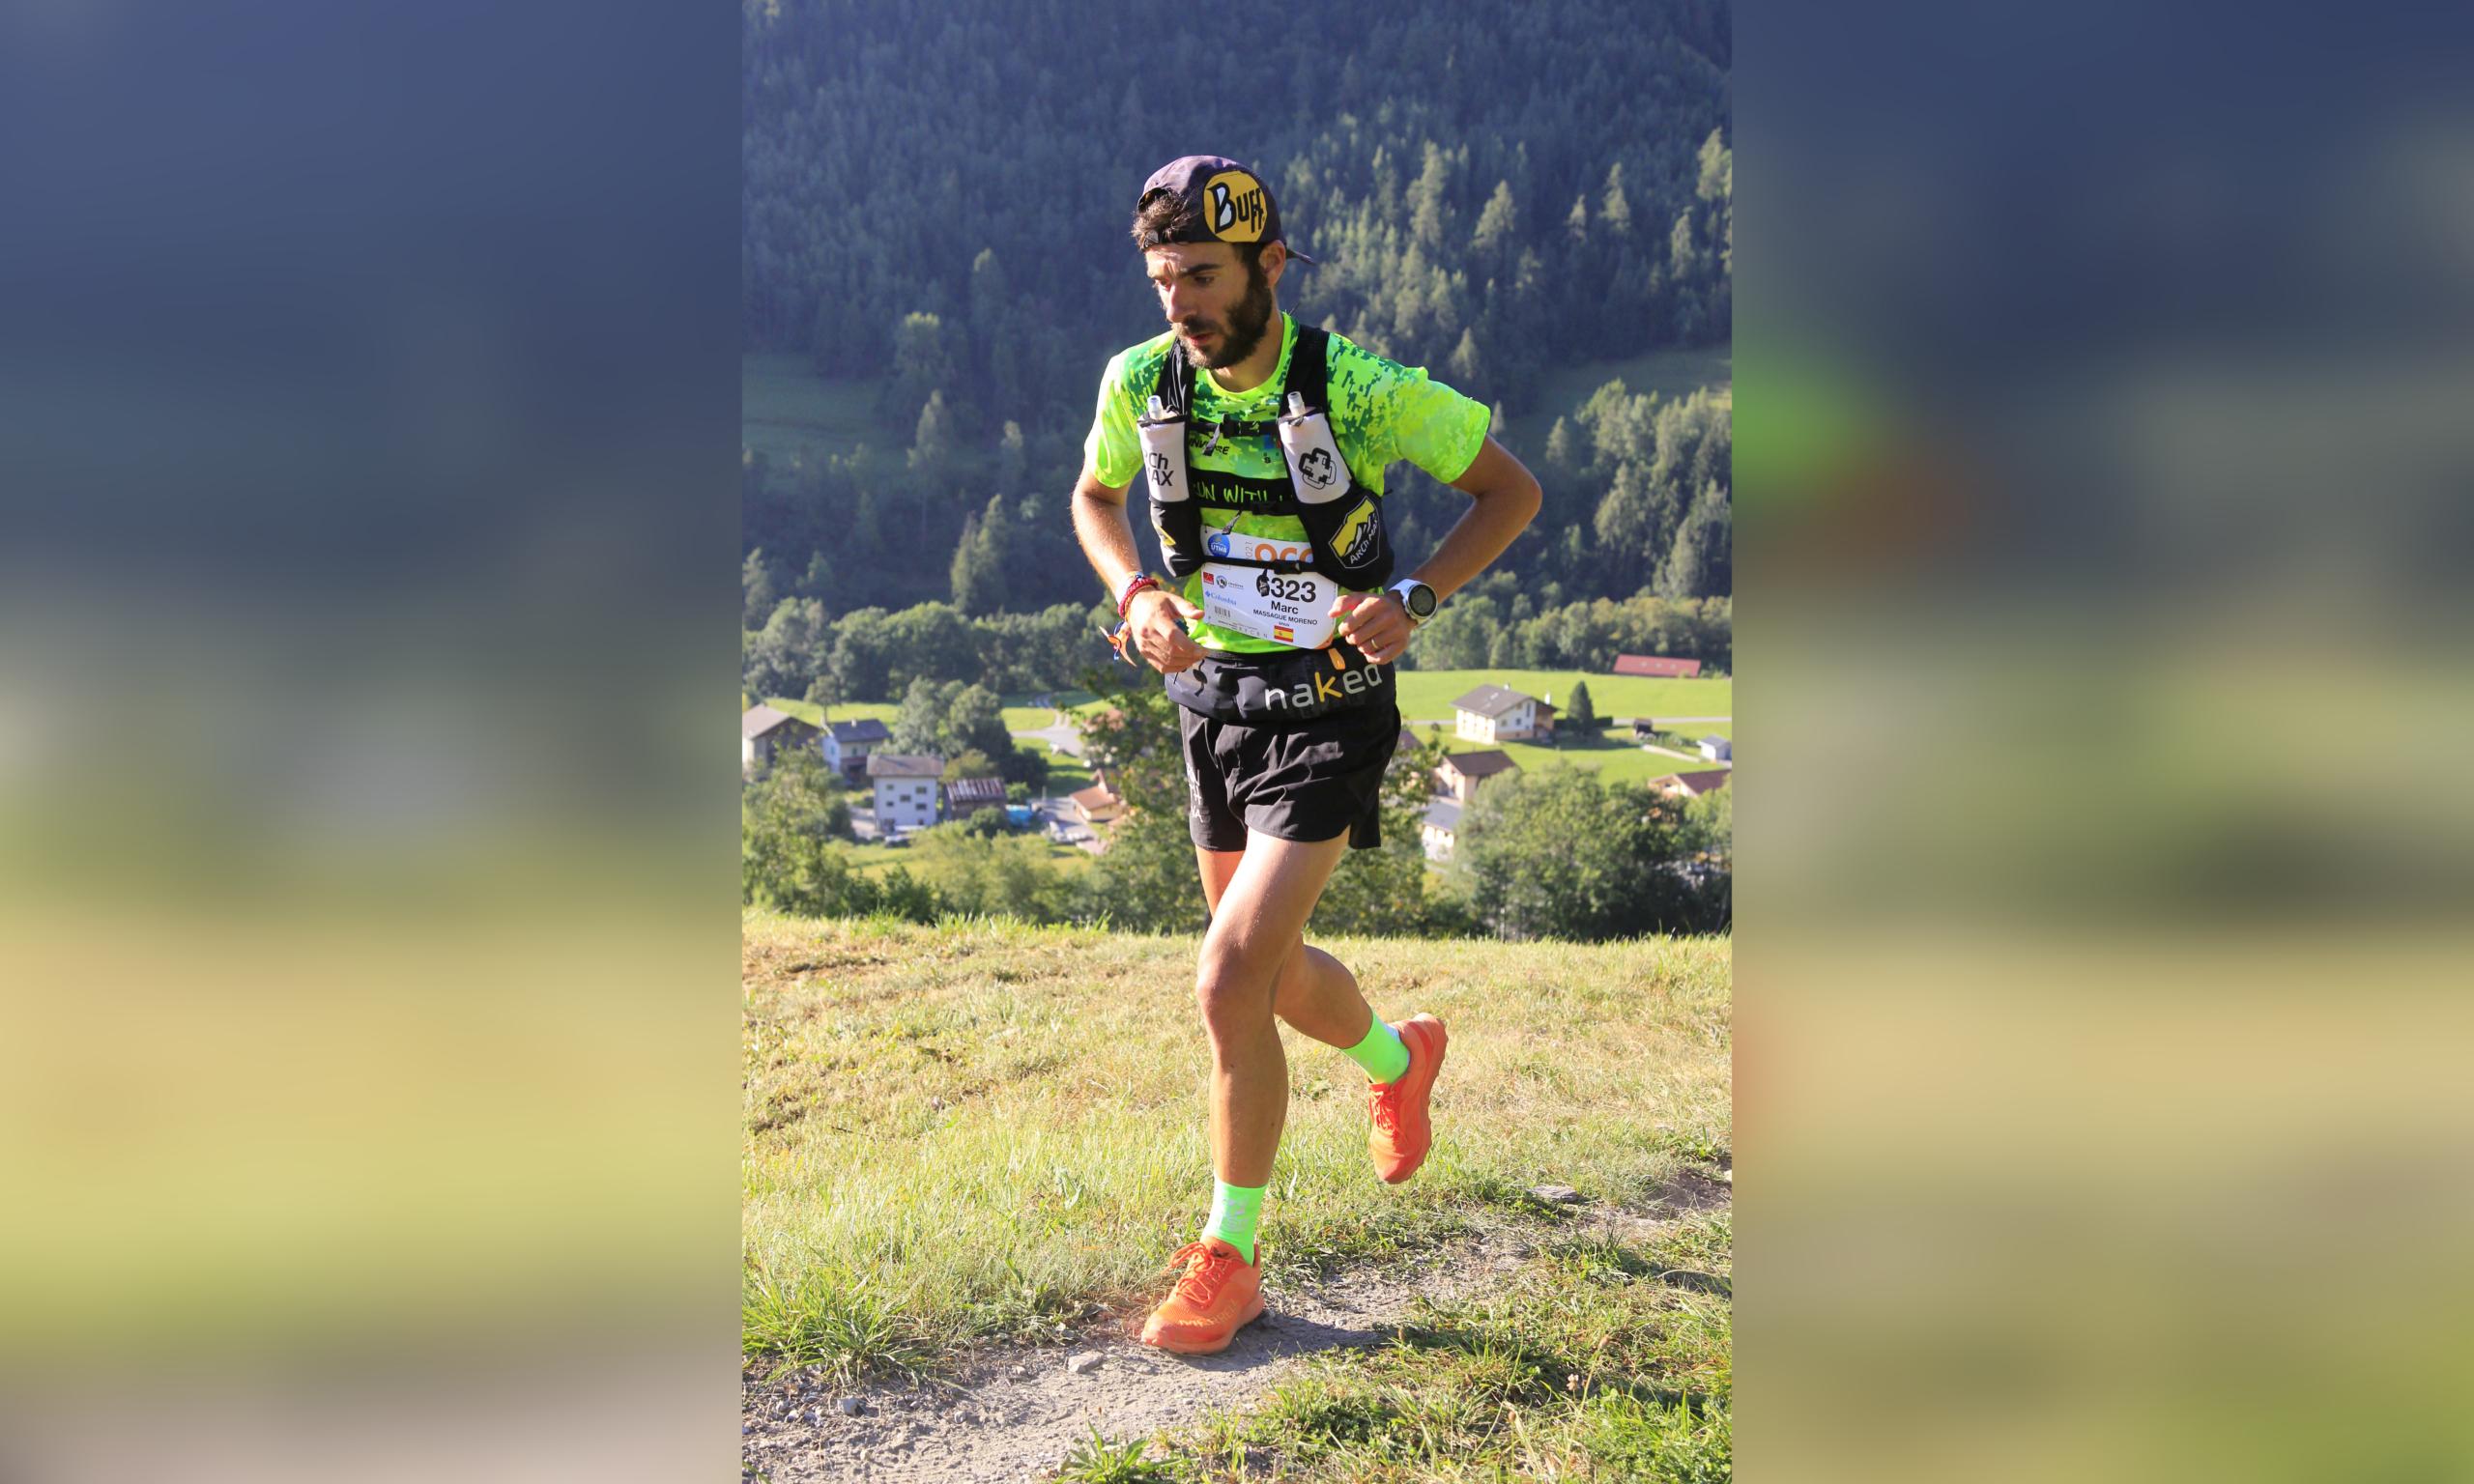 Marc Massagué corrent la ultra de Montblanc aquest estiu   Cedida